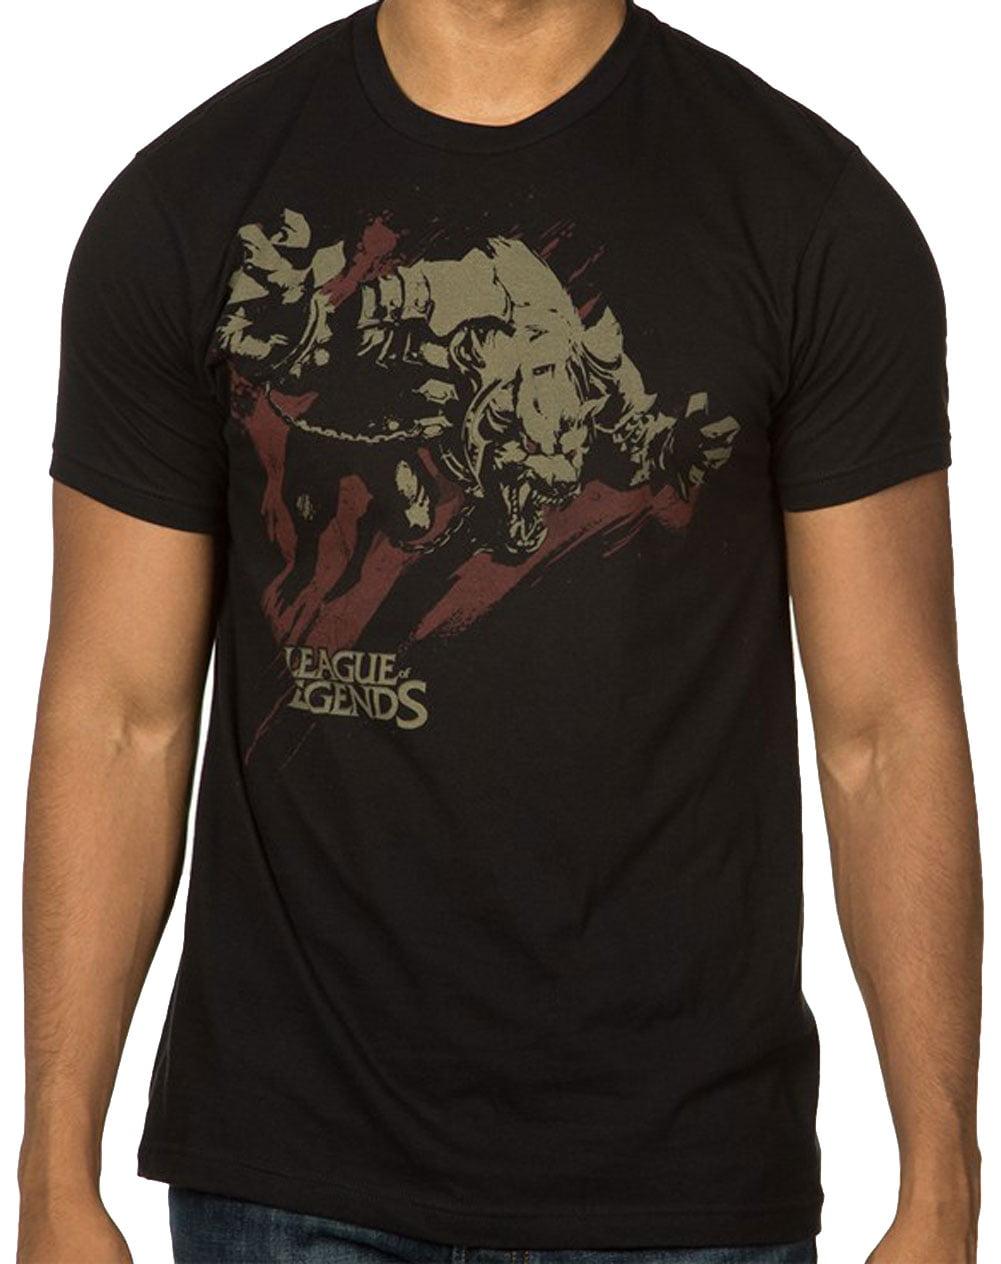 League Of Legends T-Shirt  multiplayer online battle kids Mens women tee top